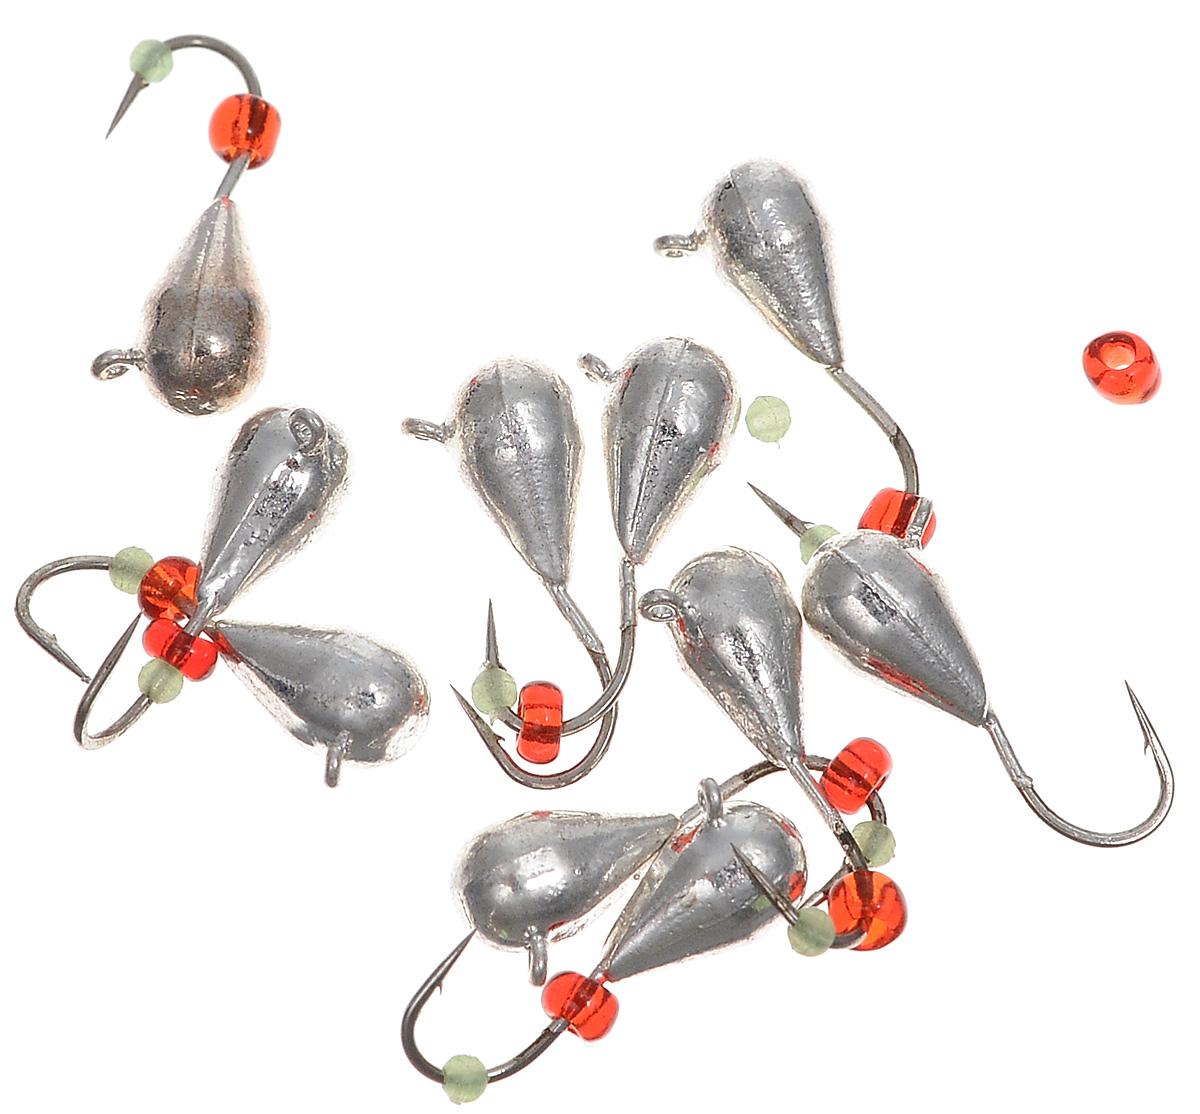 Мормышка вольфрамовая Dixxon-Russia, капля с ушком, цвет: серебряный, диаметр 4 мм, 1 г, 10 шт4271825Мормышка Dixxon-Russia изготовлена из вольфрама и оснащена крючком. Главное достоинство вольфрамовой мормышки - большой вес при малом объеме. Эта особенность дает большие преимущества при ловле, так как позволяет быстро погрузить приманку на требуемую глубину и лучше чувствовать игру мормышки.